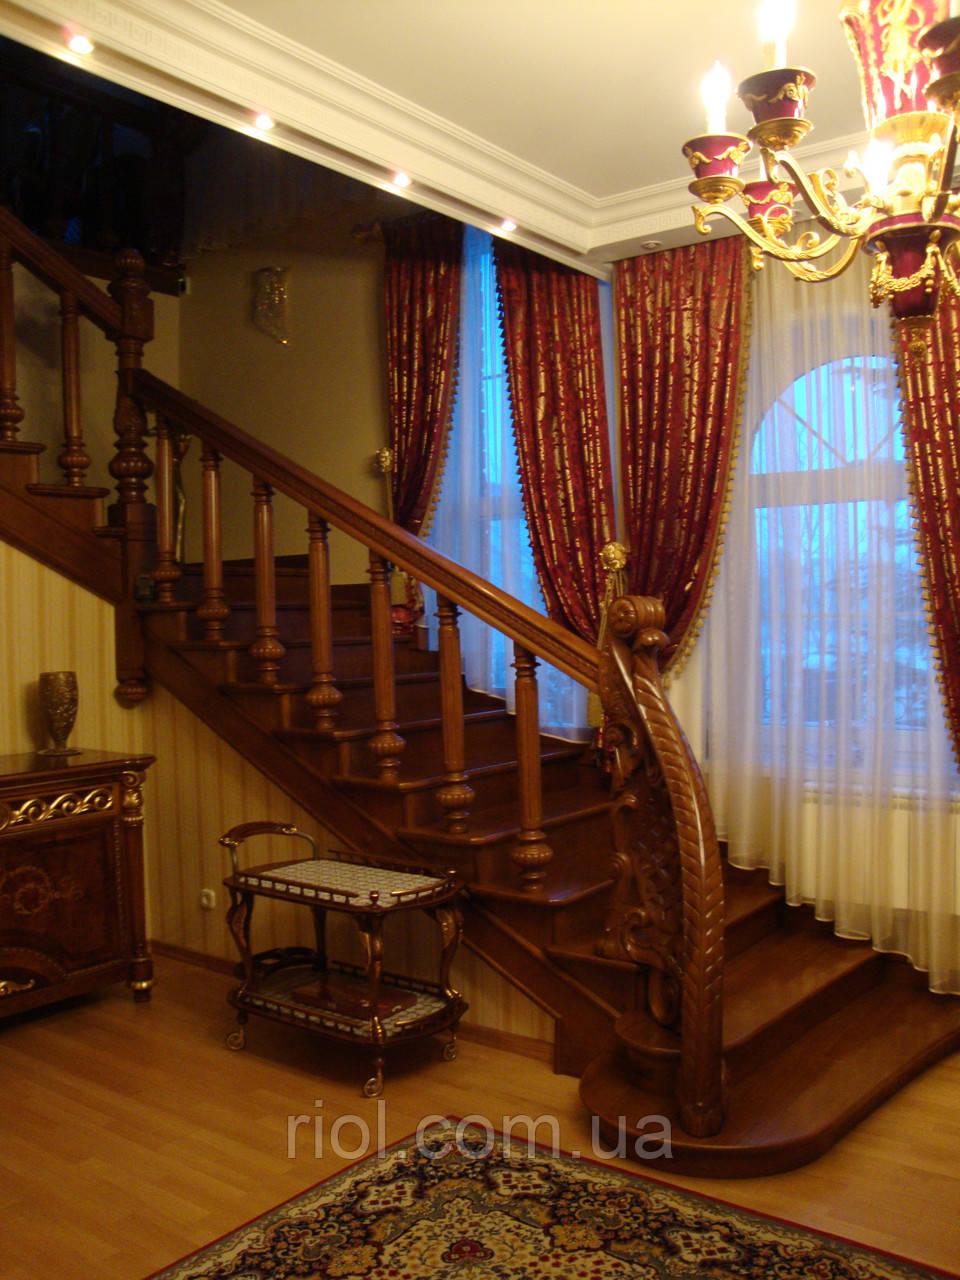 Лестница деревянная закрытая